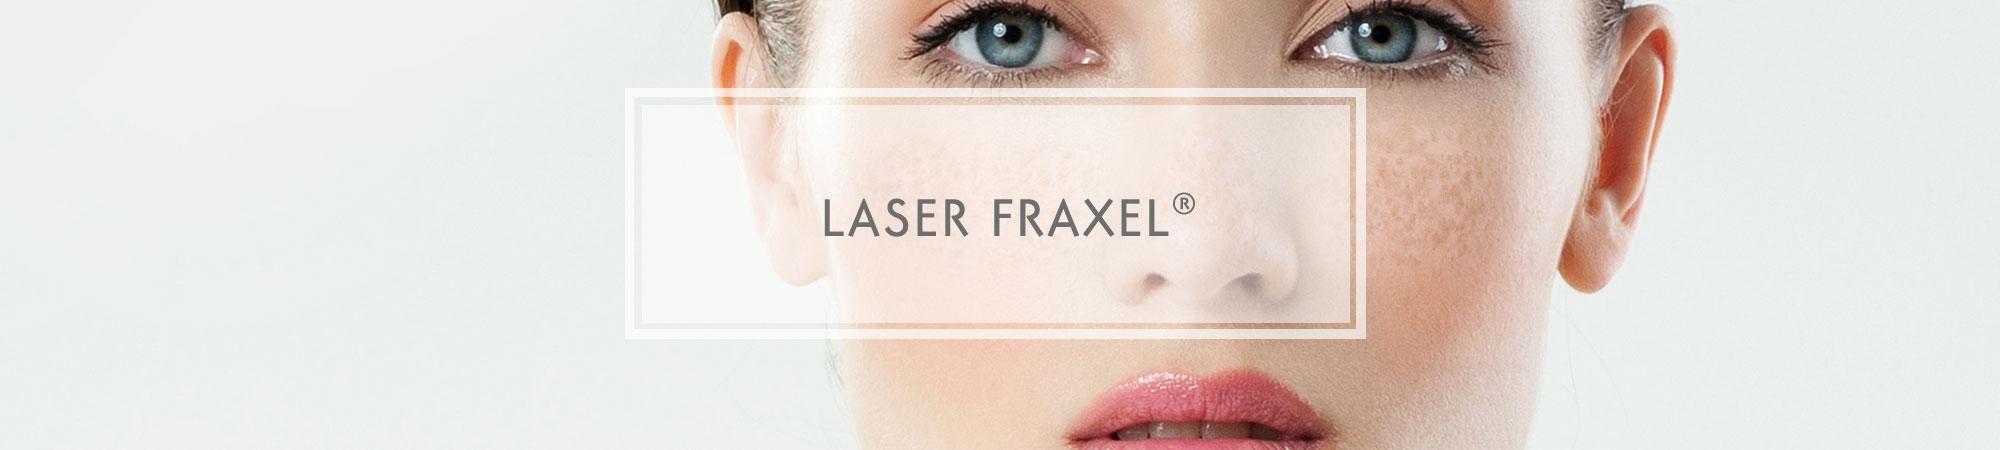 Laser Fraxel